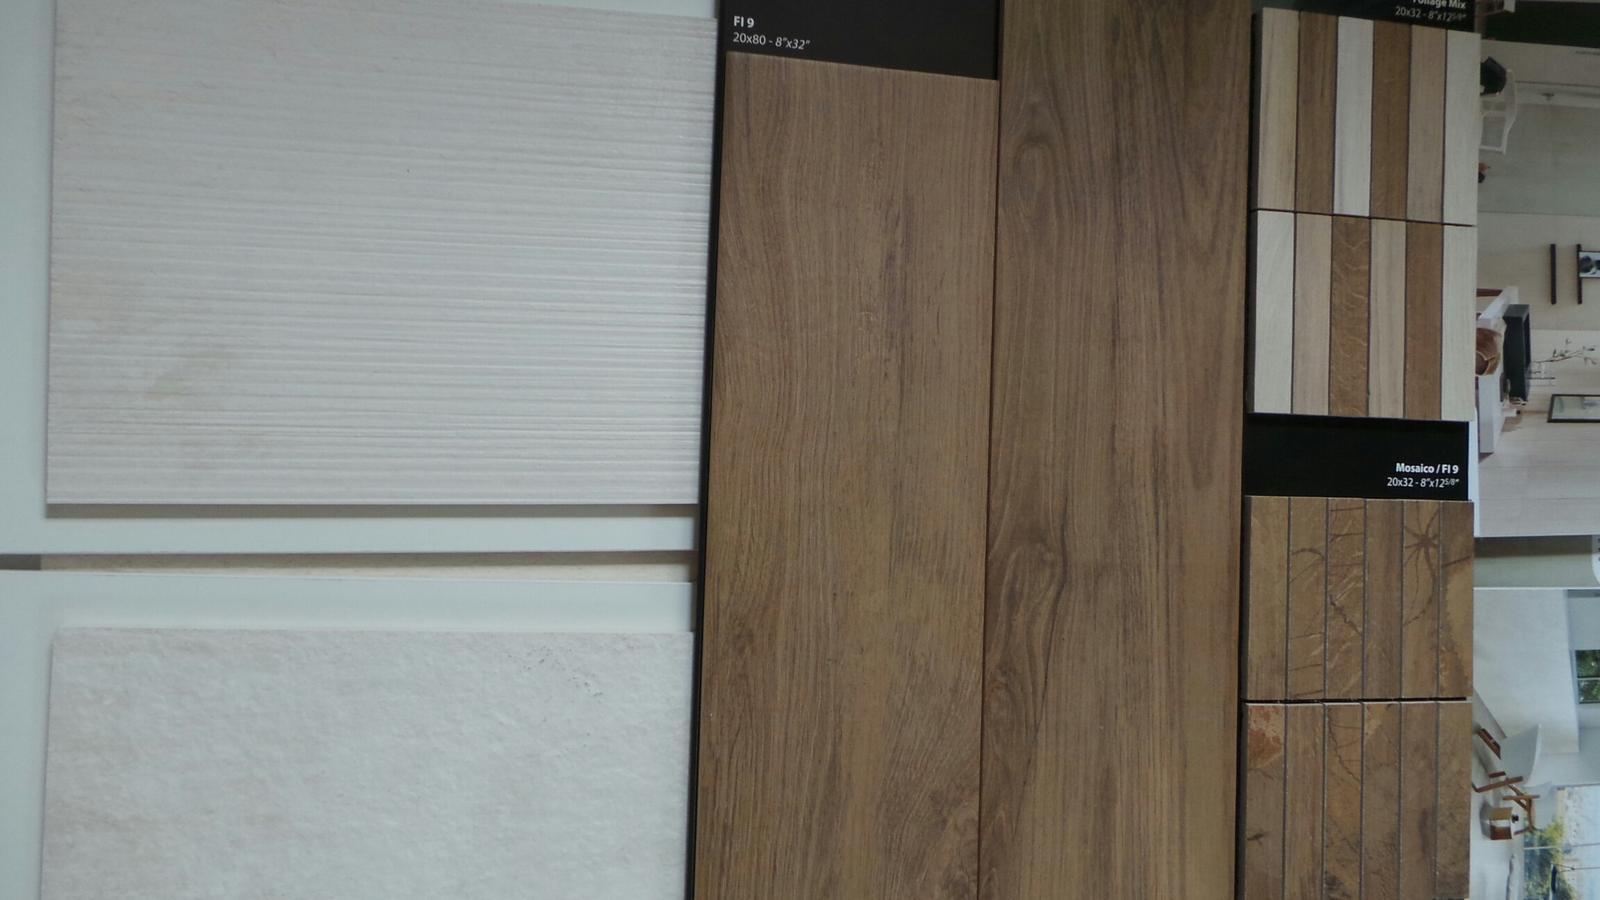 KOUPELNA ... vybíráme ... aneb co se nám líbí - První nástřel - dekor dřeva + imitace betonu ... podlaha zamítnuta